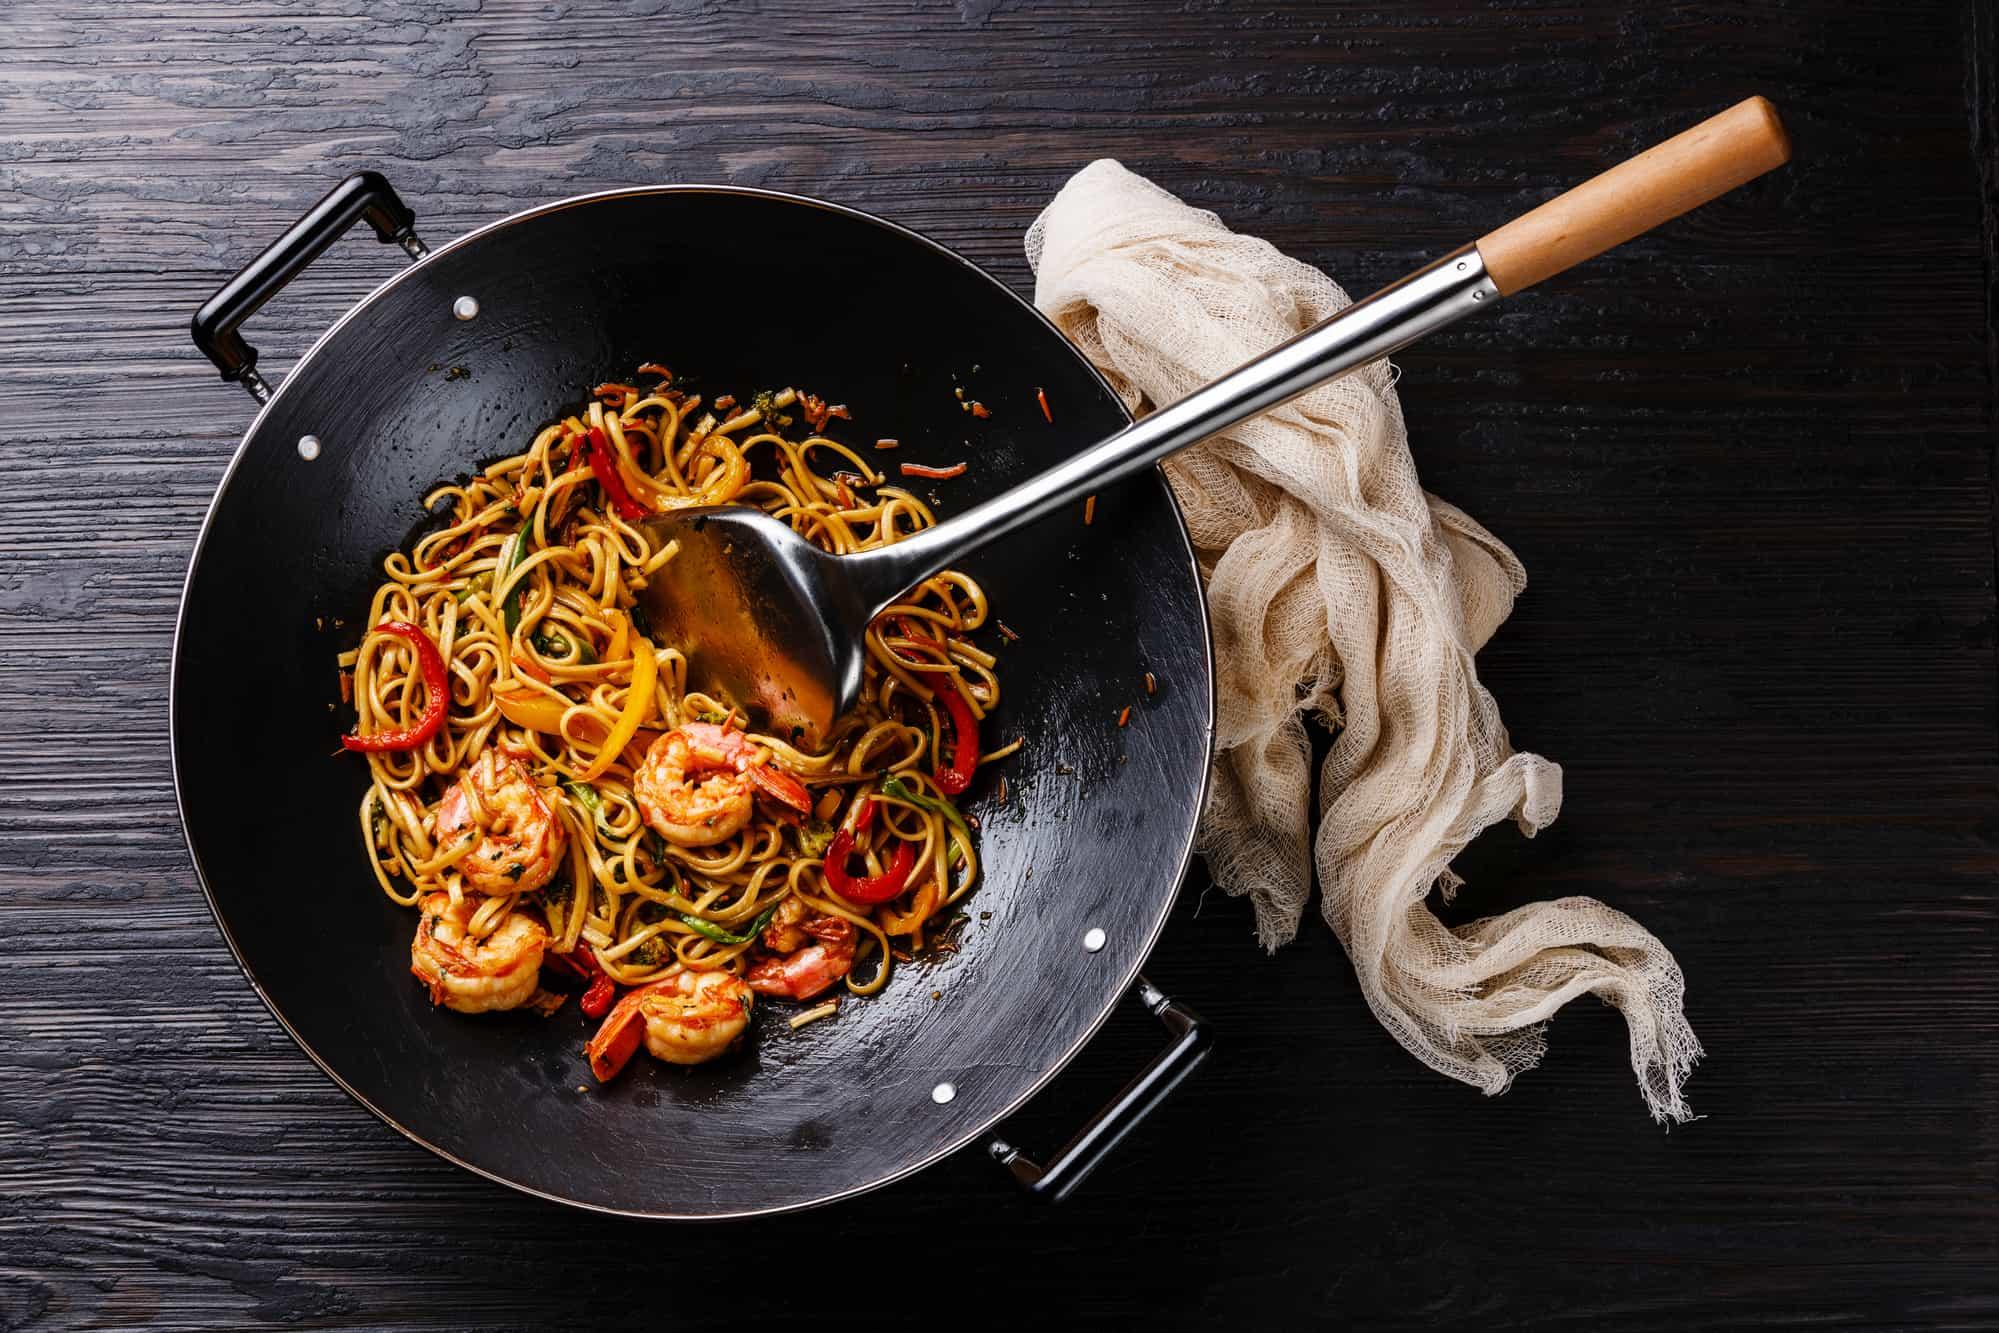 Udon stir fry noodles with prawn shrimp and vegetables in wok pan on black burned wooden background